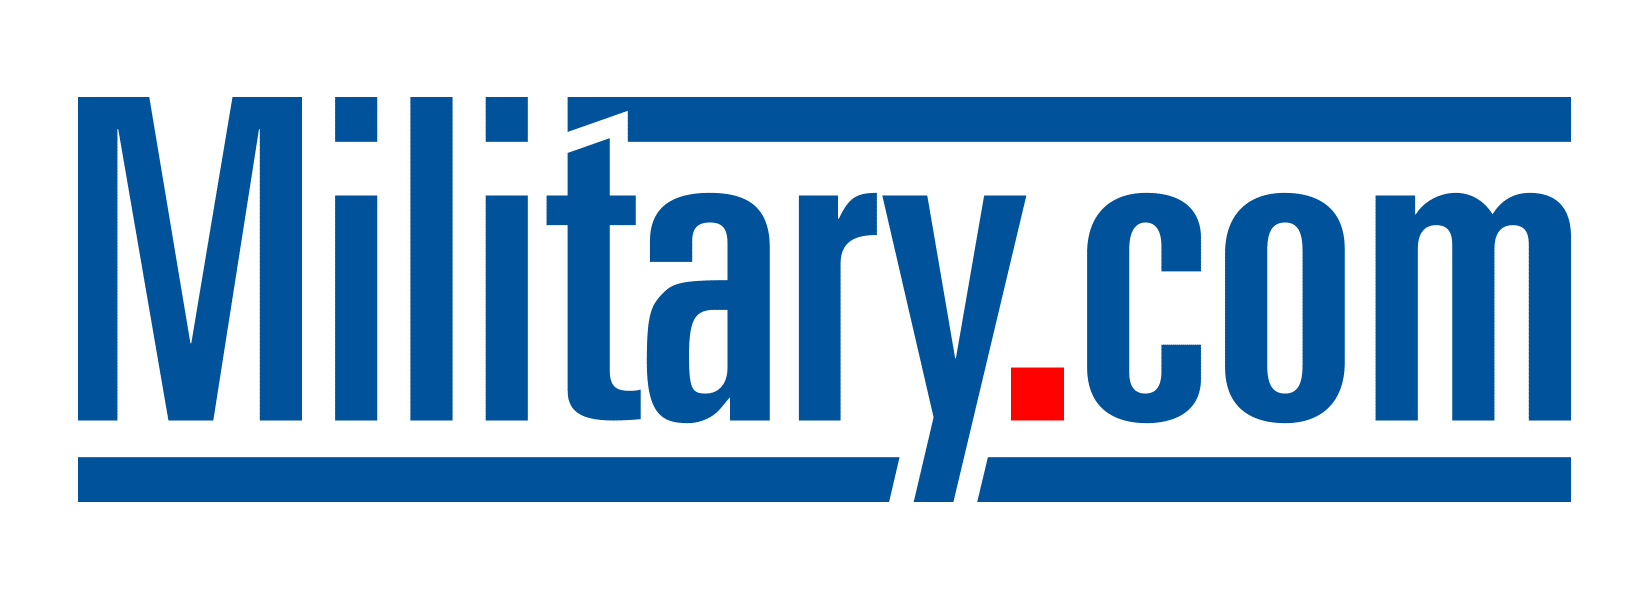 Military.com-Logo-2c_1650px